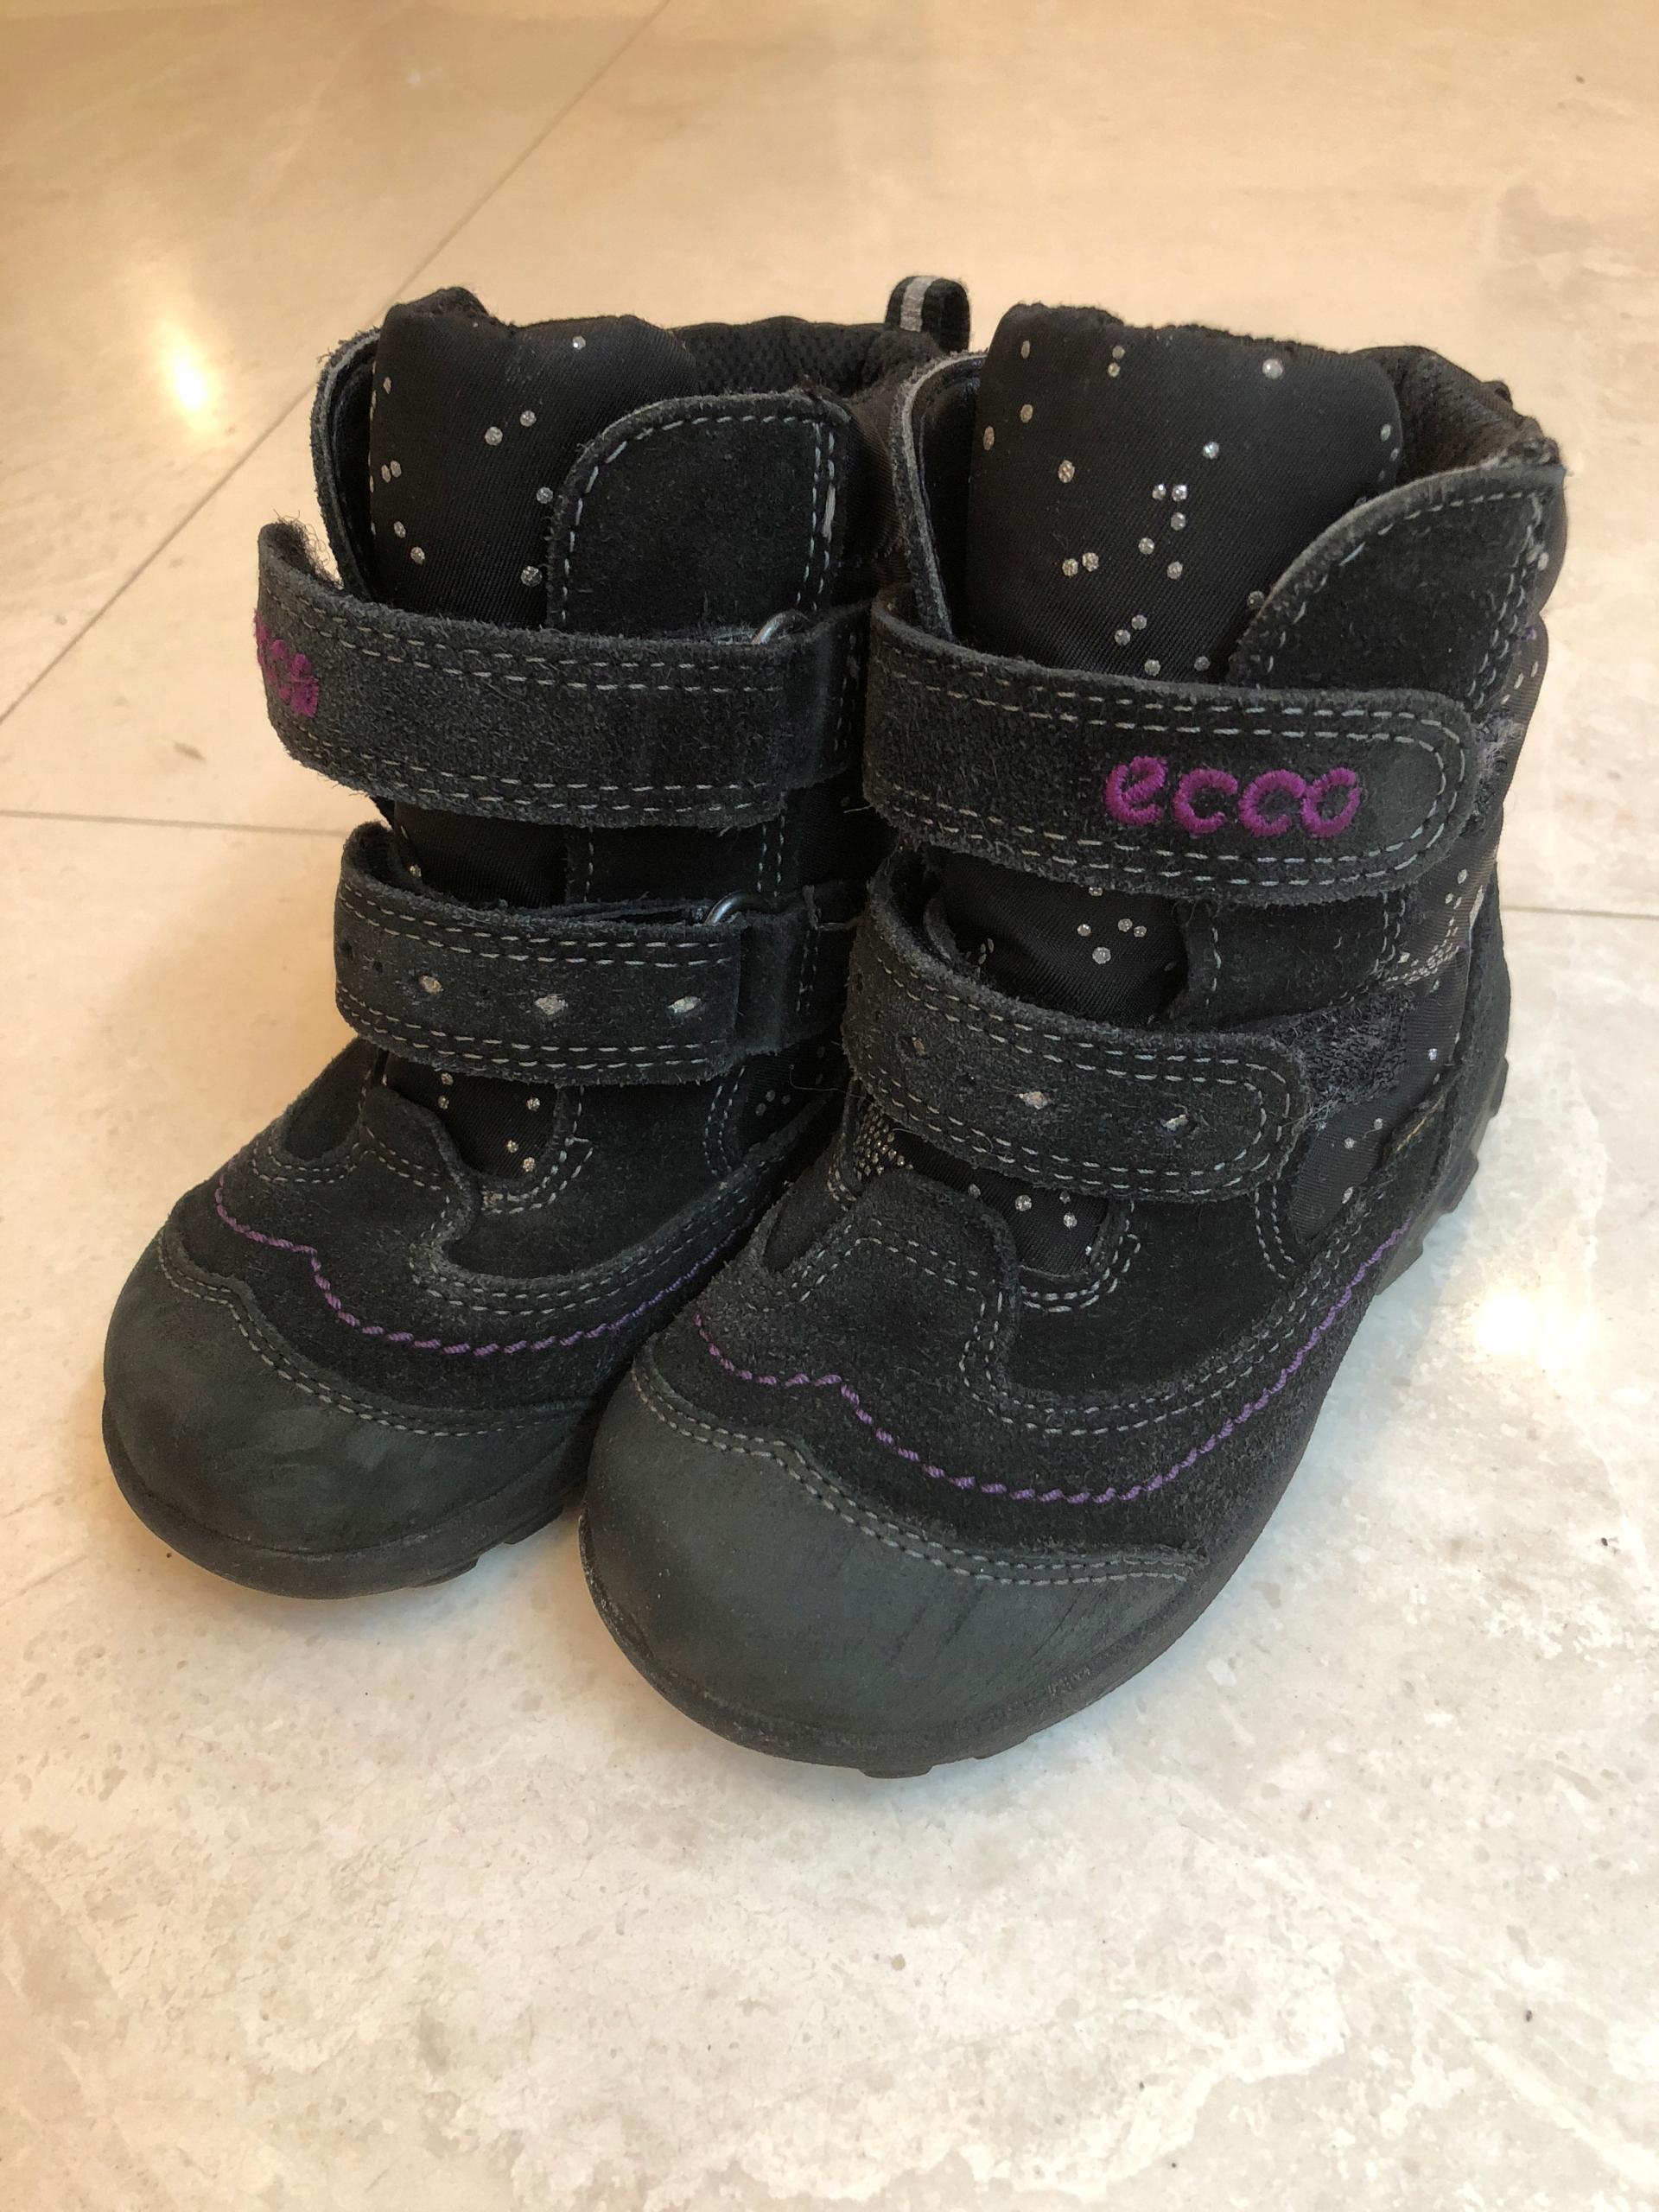 534ec040 Buty Ecco roz. 23 zimowe dla dziewczynki śniegowce - 7700548217 ...